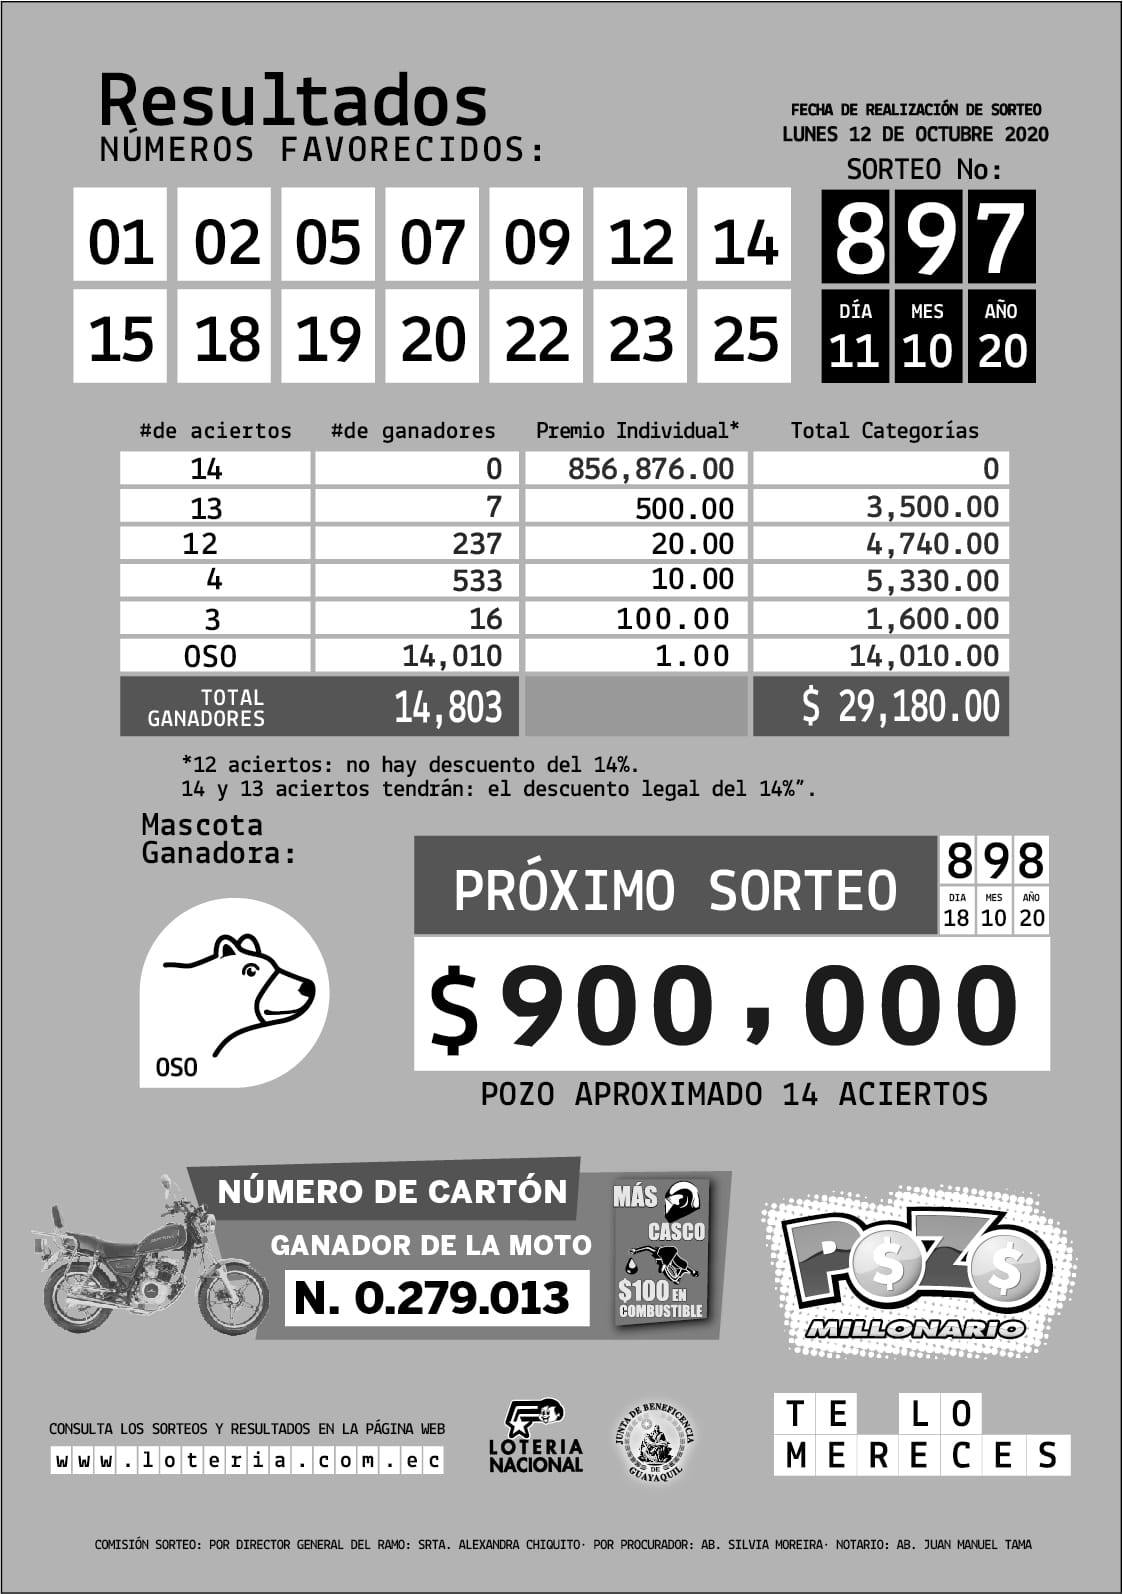 sorteo 897 pozo millonario